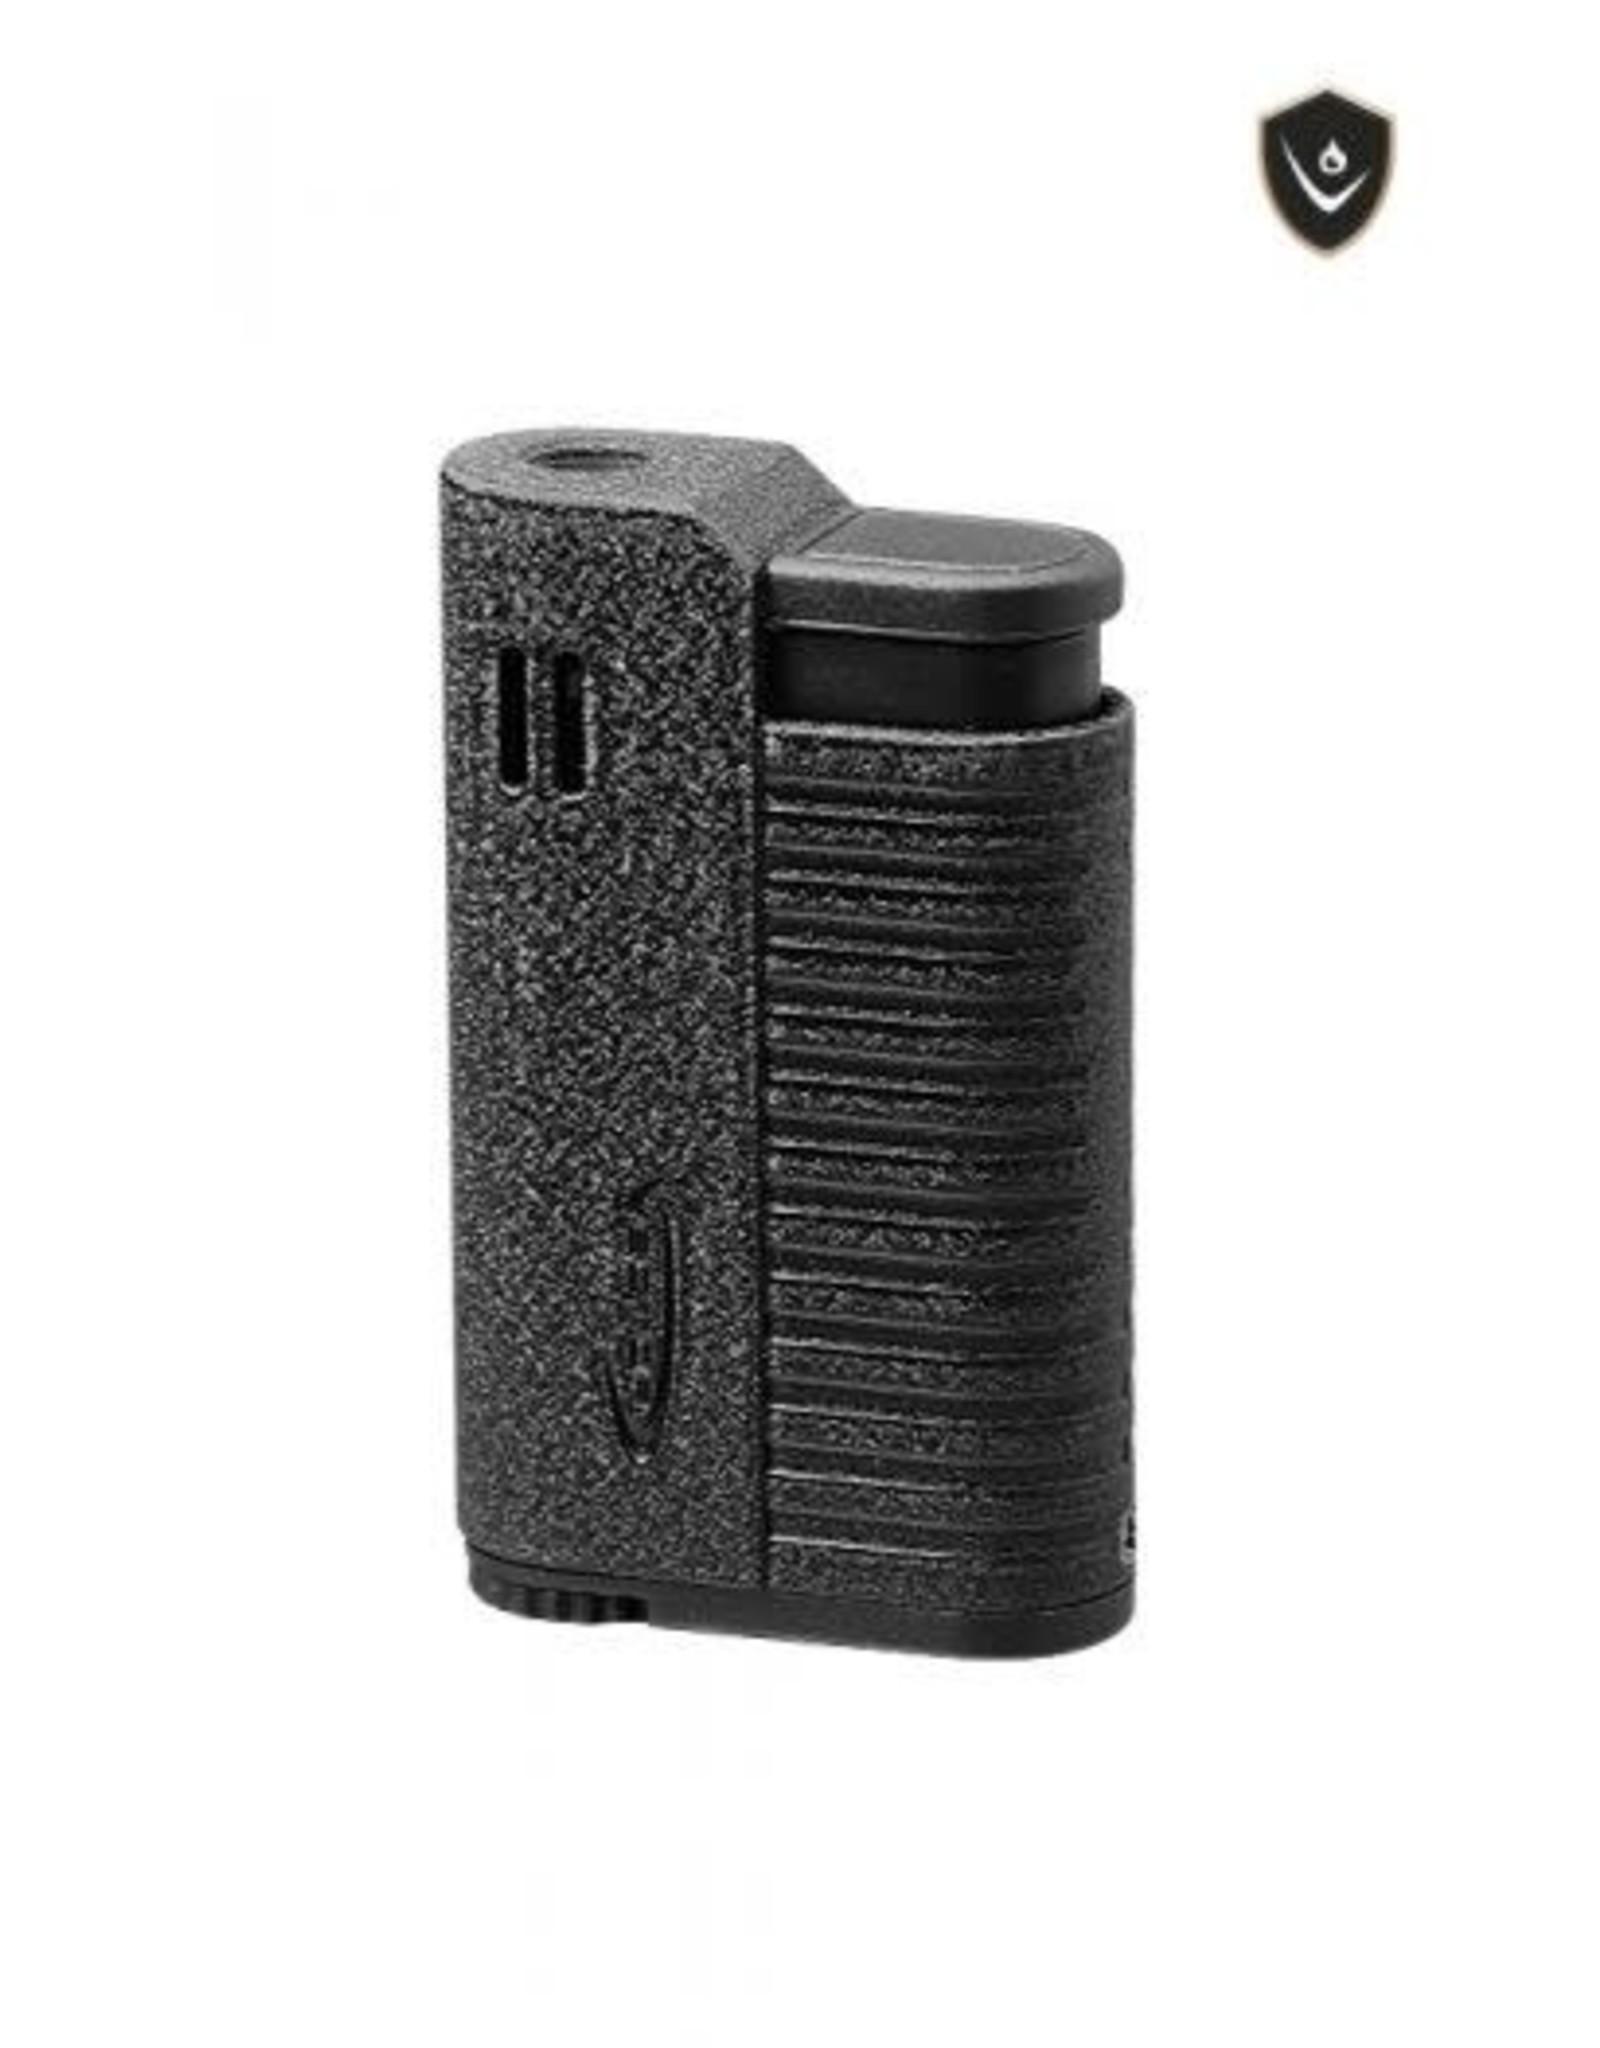 Vector Vector Torch Lighter Hammer Black Crackle Matte